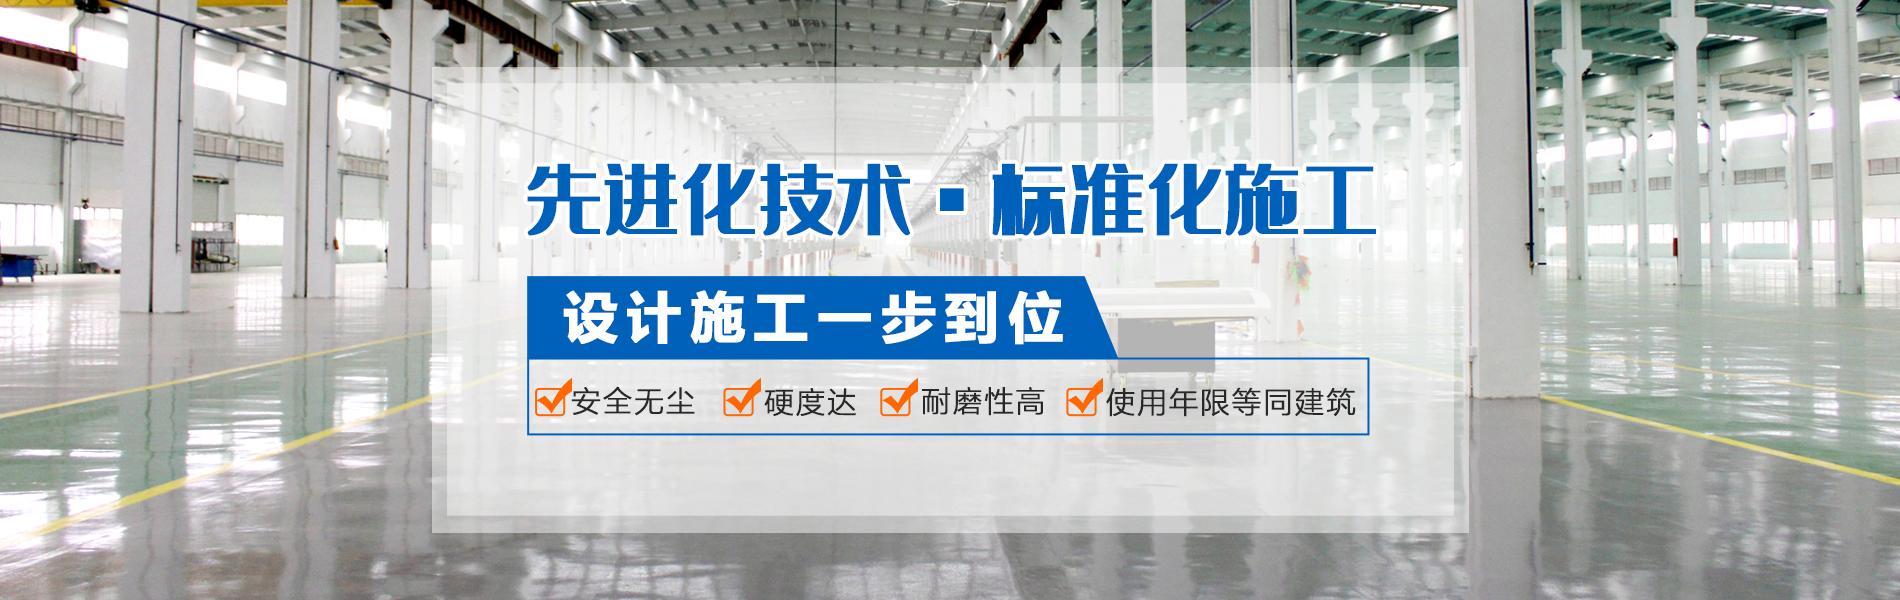 云南唐朝装饰工程有限公司